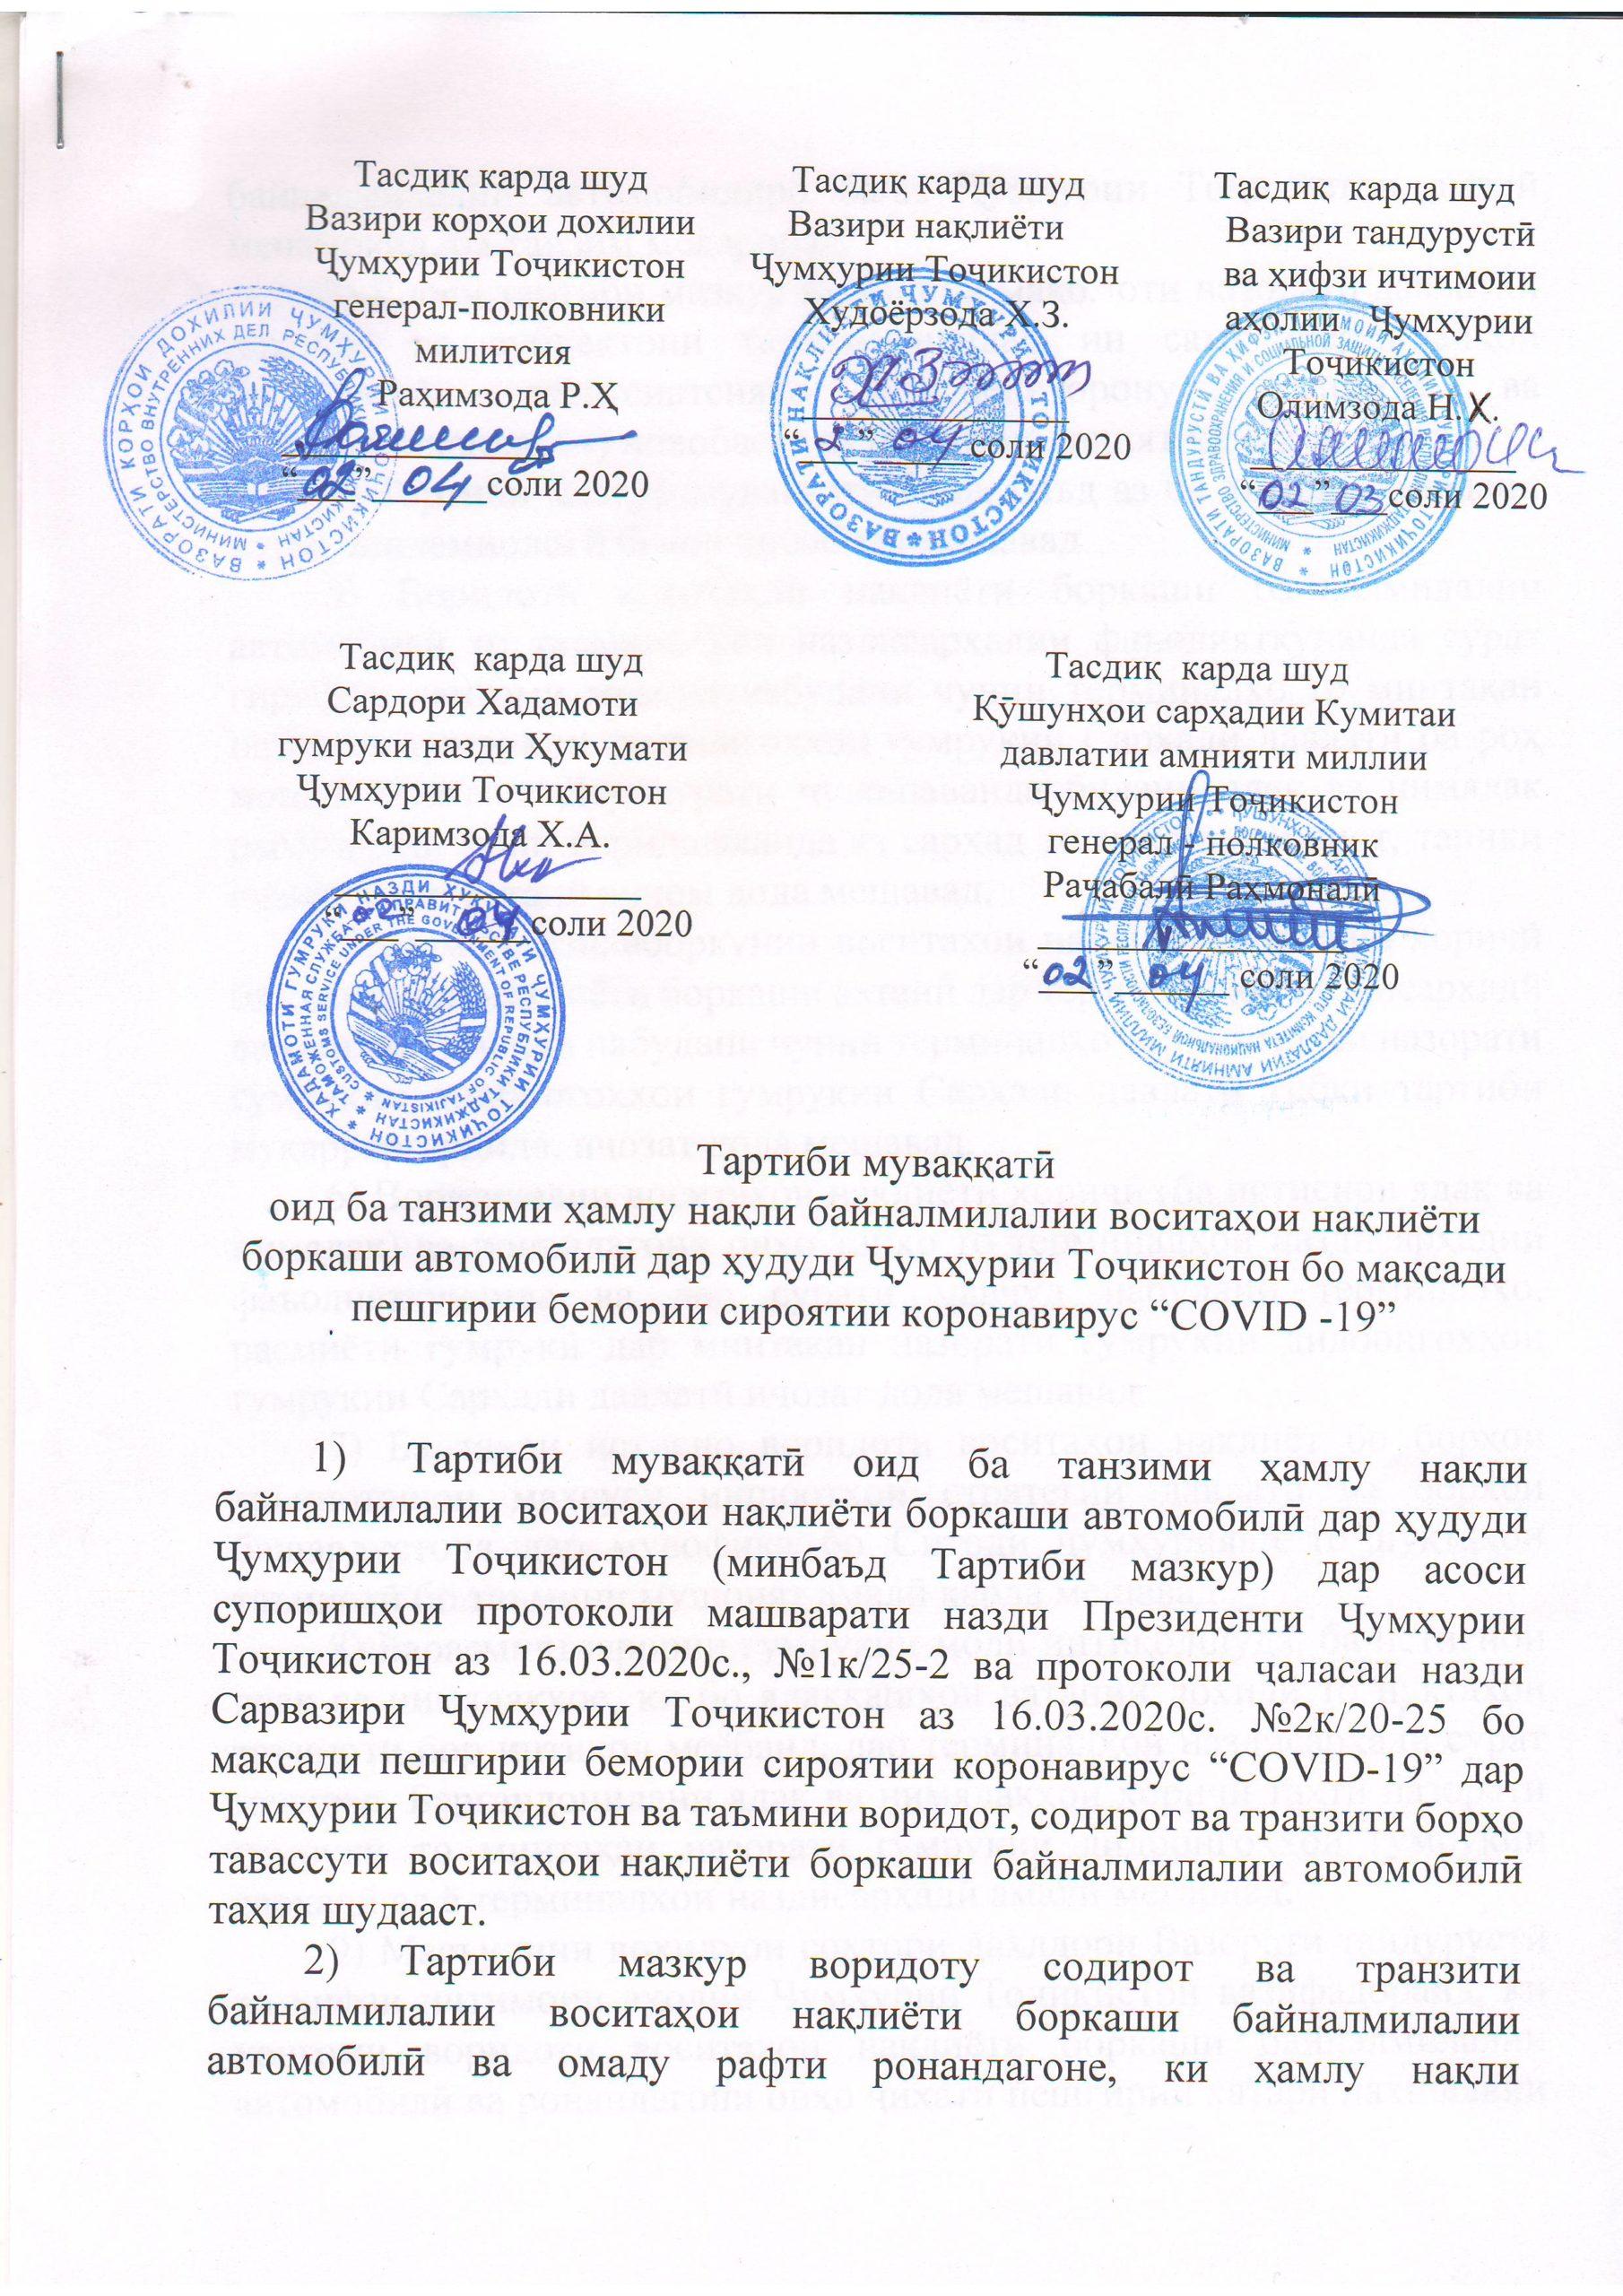 Обновленная информация в связи со вспышкой коронавируса (COVID-19) – временный порядок регулирования осуществления международных автомобильных перевозок на территории Республики Таджикистан